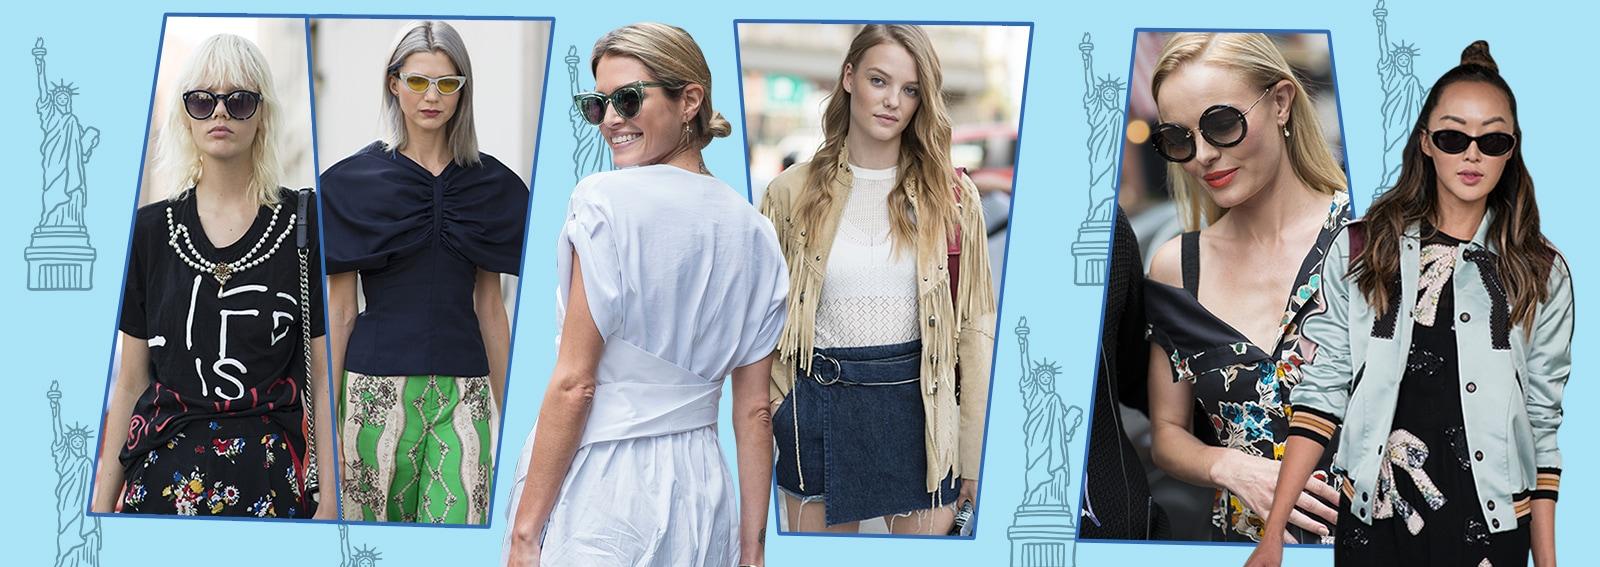 tagli capelli 2018 acconciature new york collage_desktop